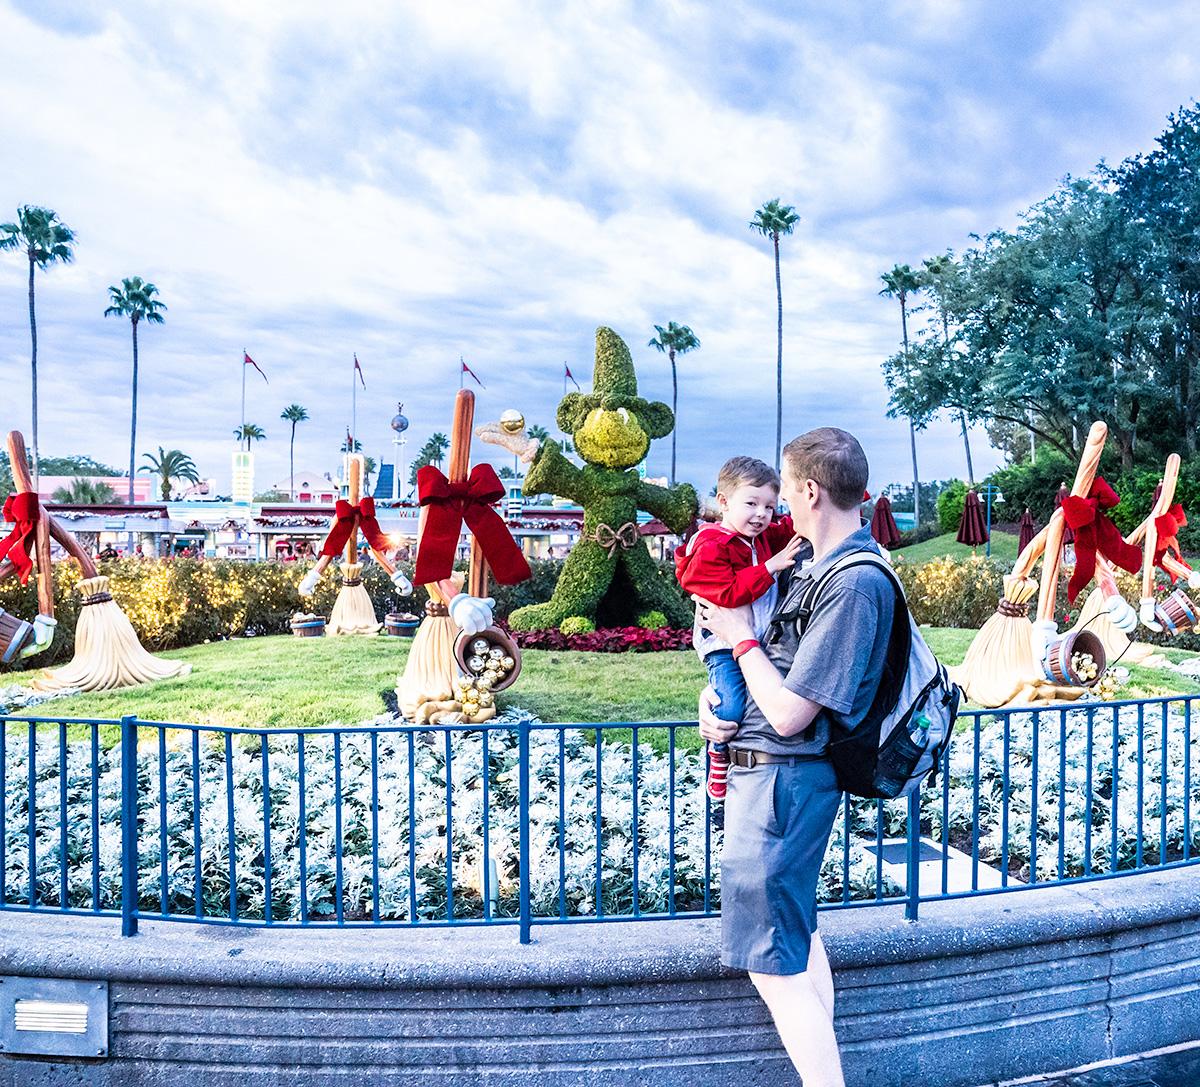 Disneys-Hollywood-Studios-at-the-holidays